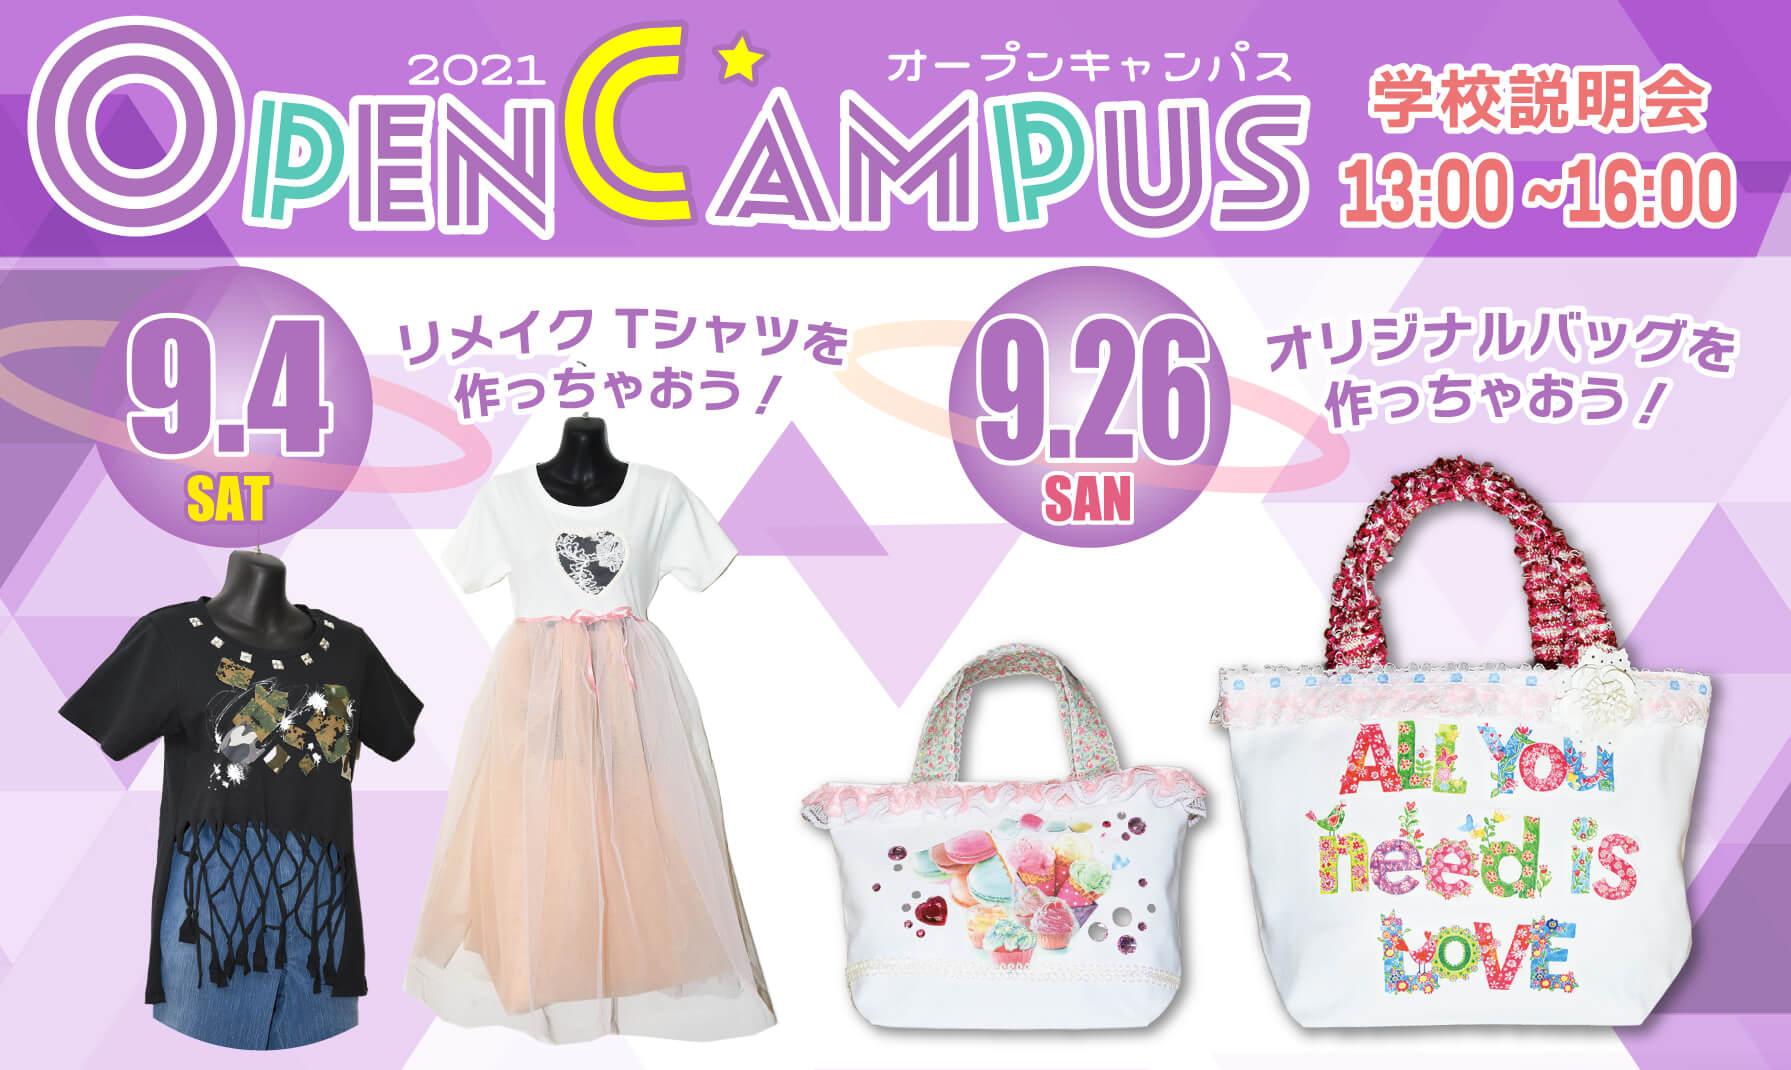 江東服飾高等専修学校 - オープンキャンパス 9月